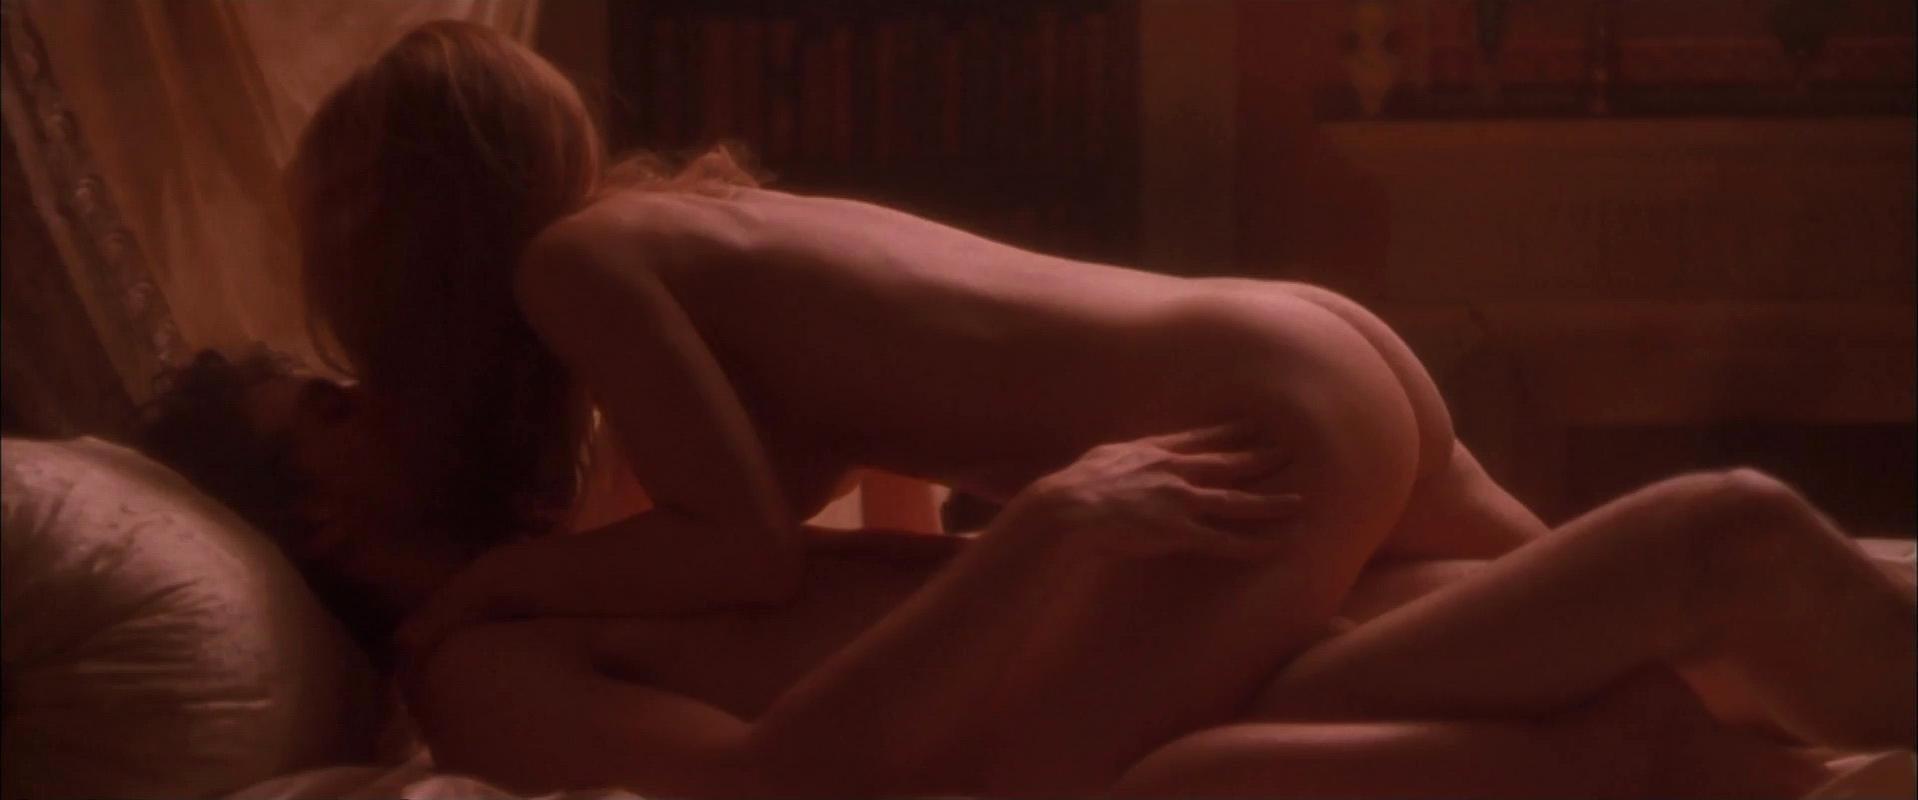 Sex scenes pandesia world